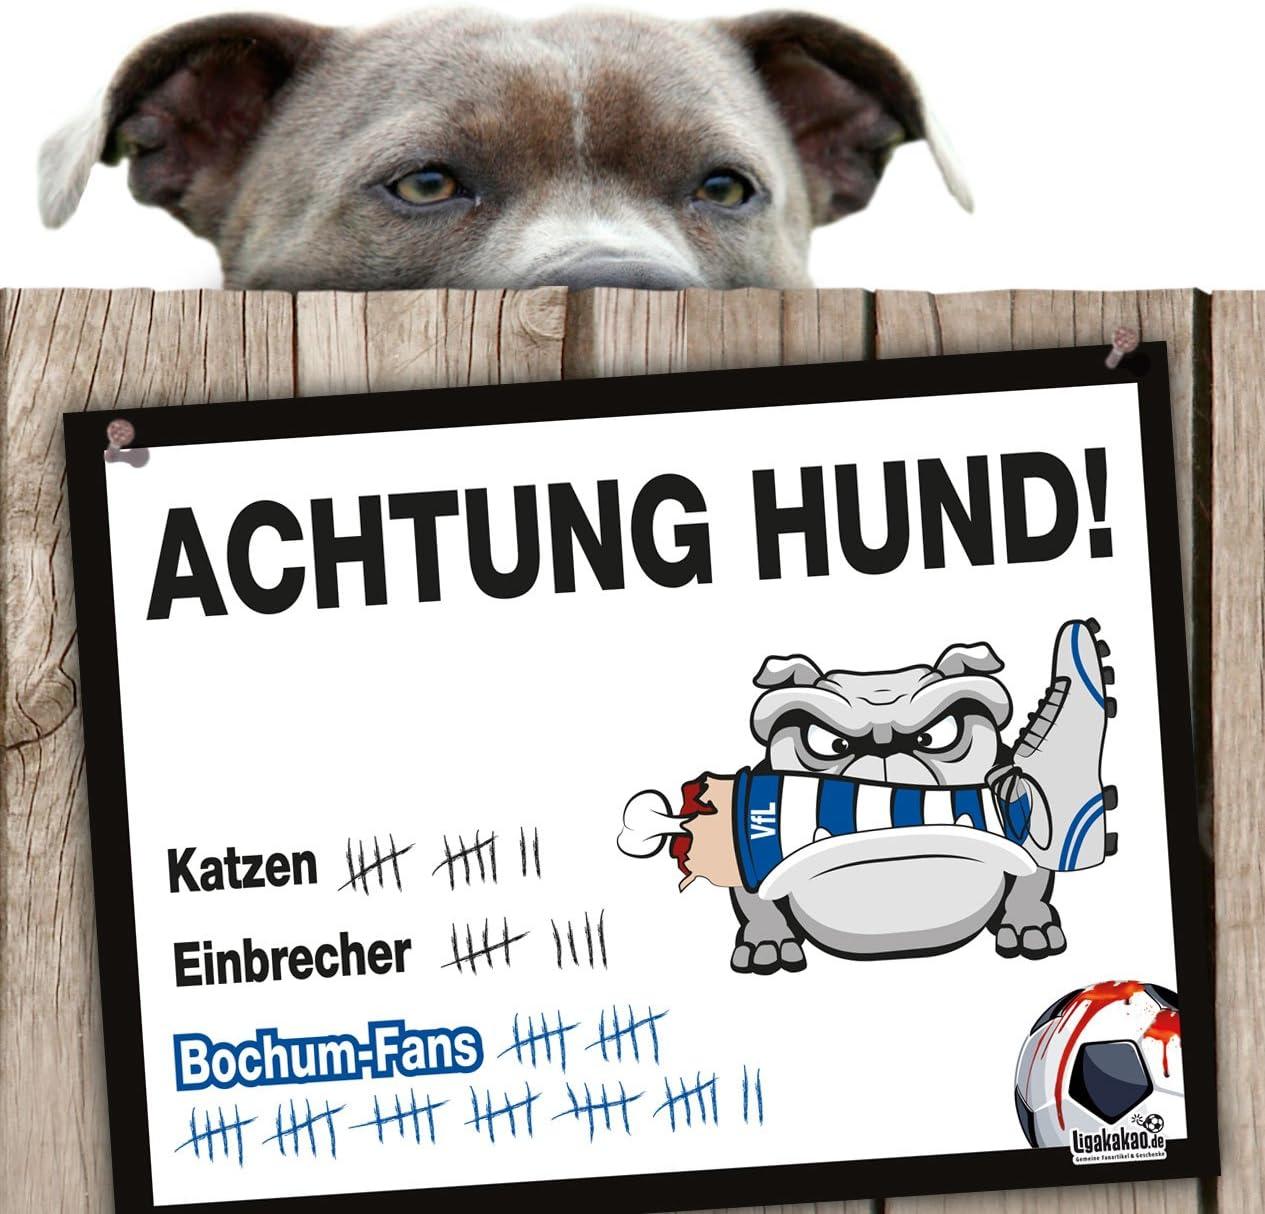 Hunde-Warnschild Schutz vor Duisburg-Fans| VFL Bochum Achtung Vorsicht Hund Bissig Fortuna D/üsseldorf- /& alle Fu/ßball-Fans Dieser Revier-Markierer sch/ützt Haus /& Hof vor Duisburg-Fans